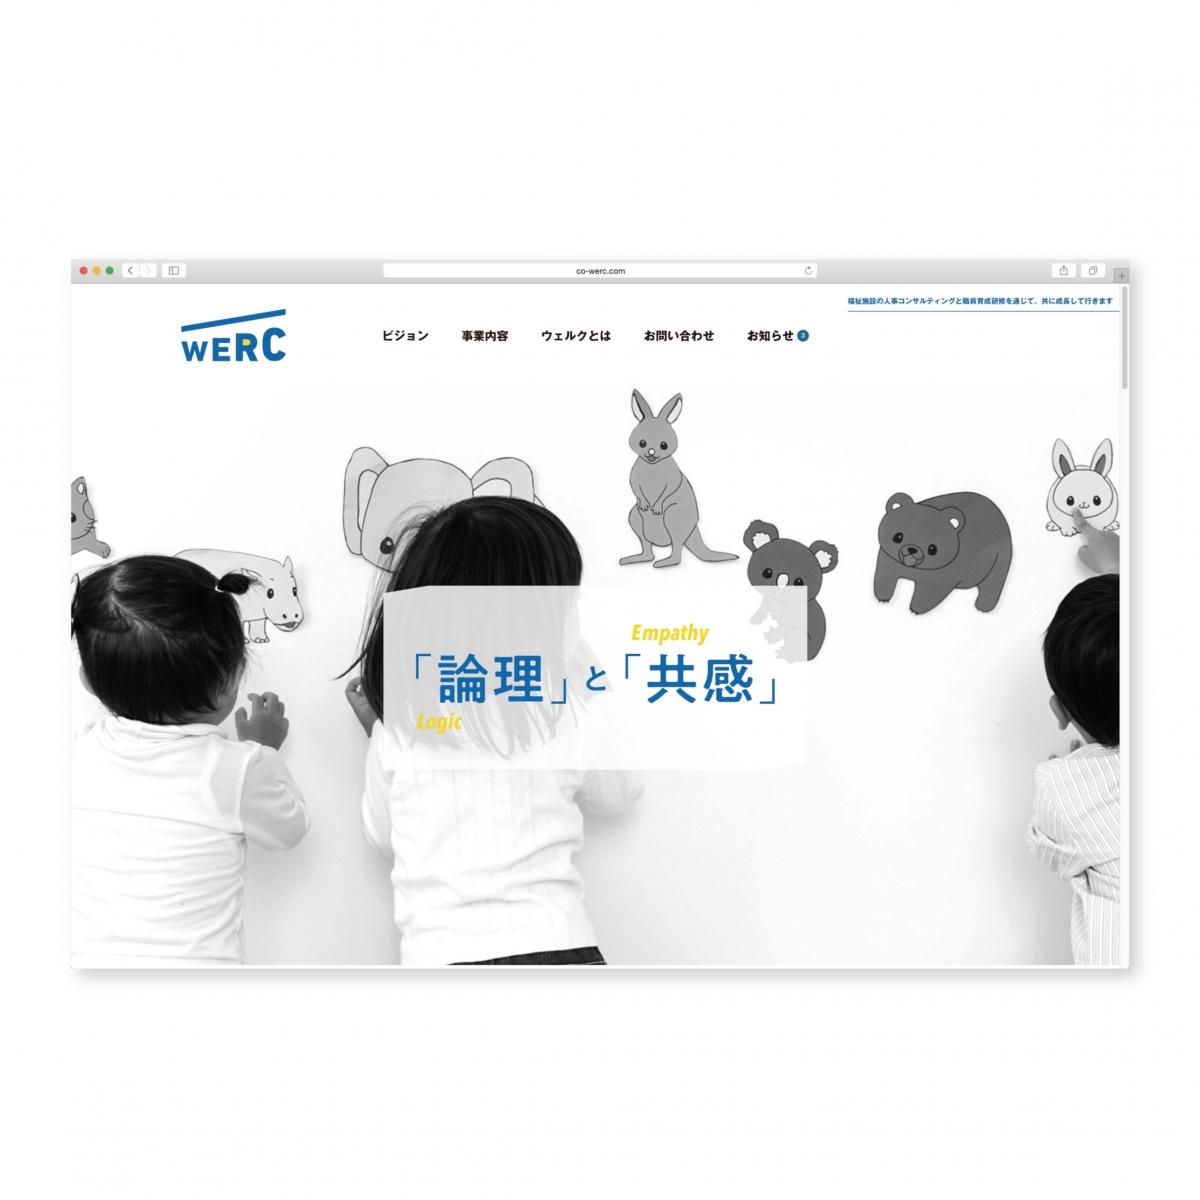 WERC|CIロゴデザイン ブランドデザイン|ウェブデザイン